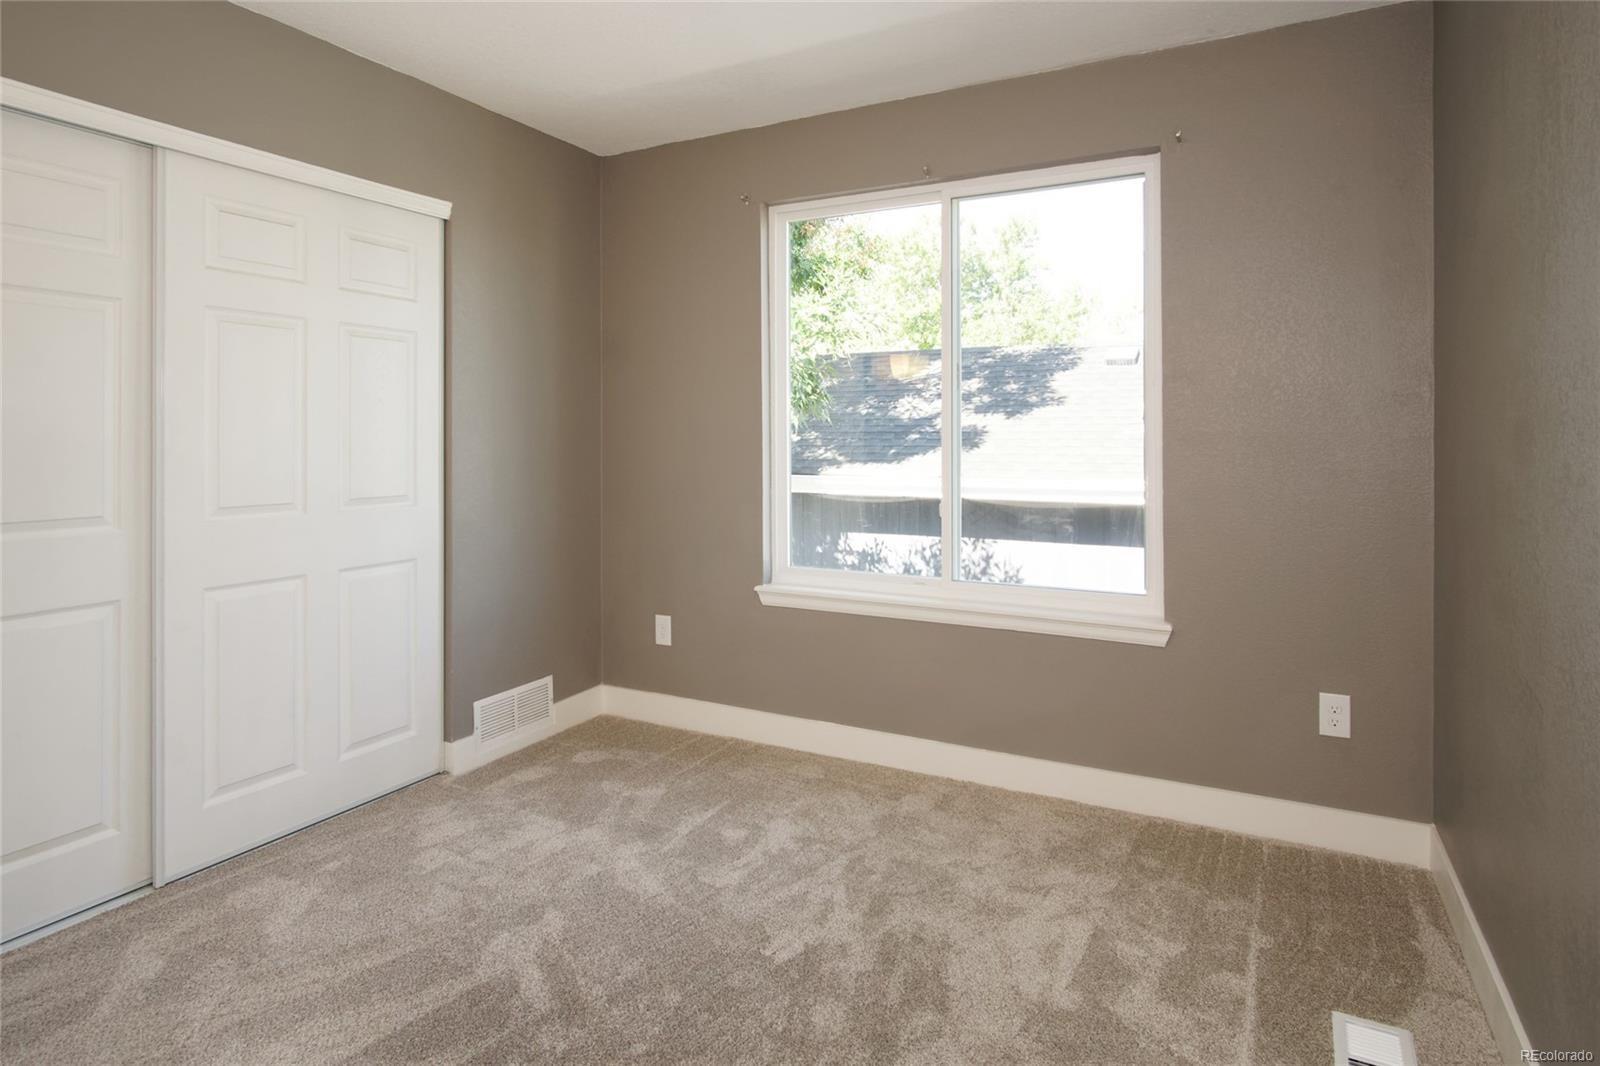 MLS# 6343588 - 24 - 522 Lindenwood Court, Highlands Ranch, CO 80126